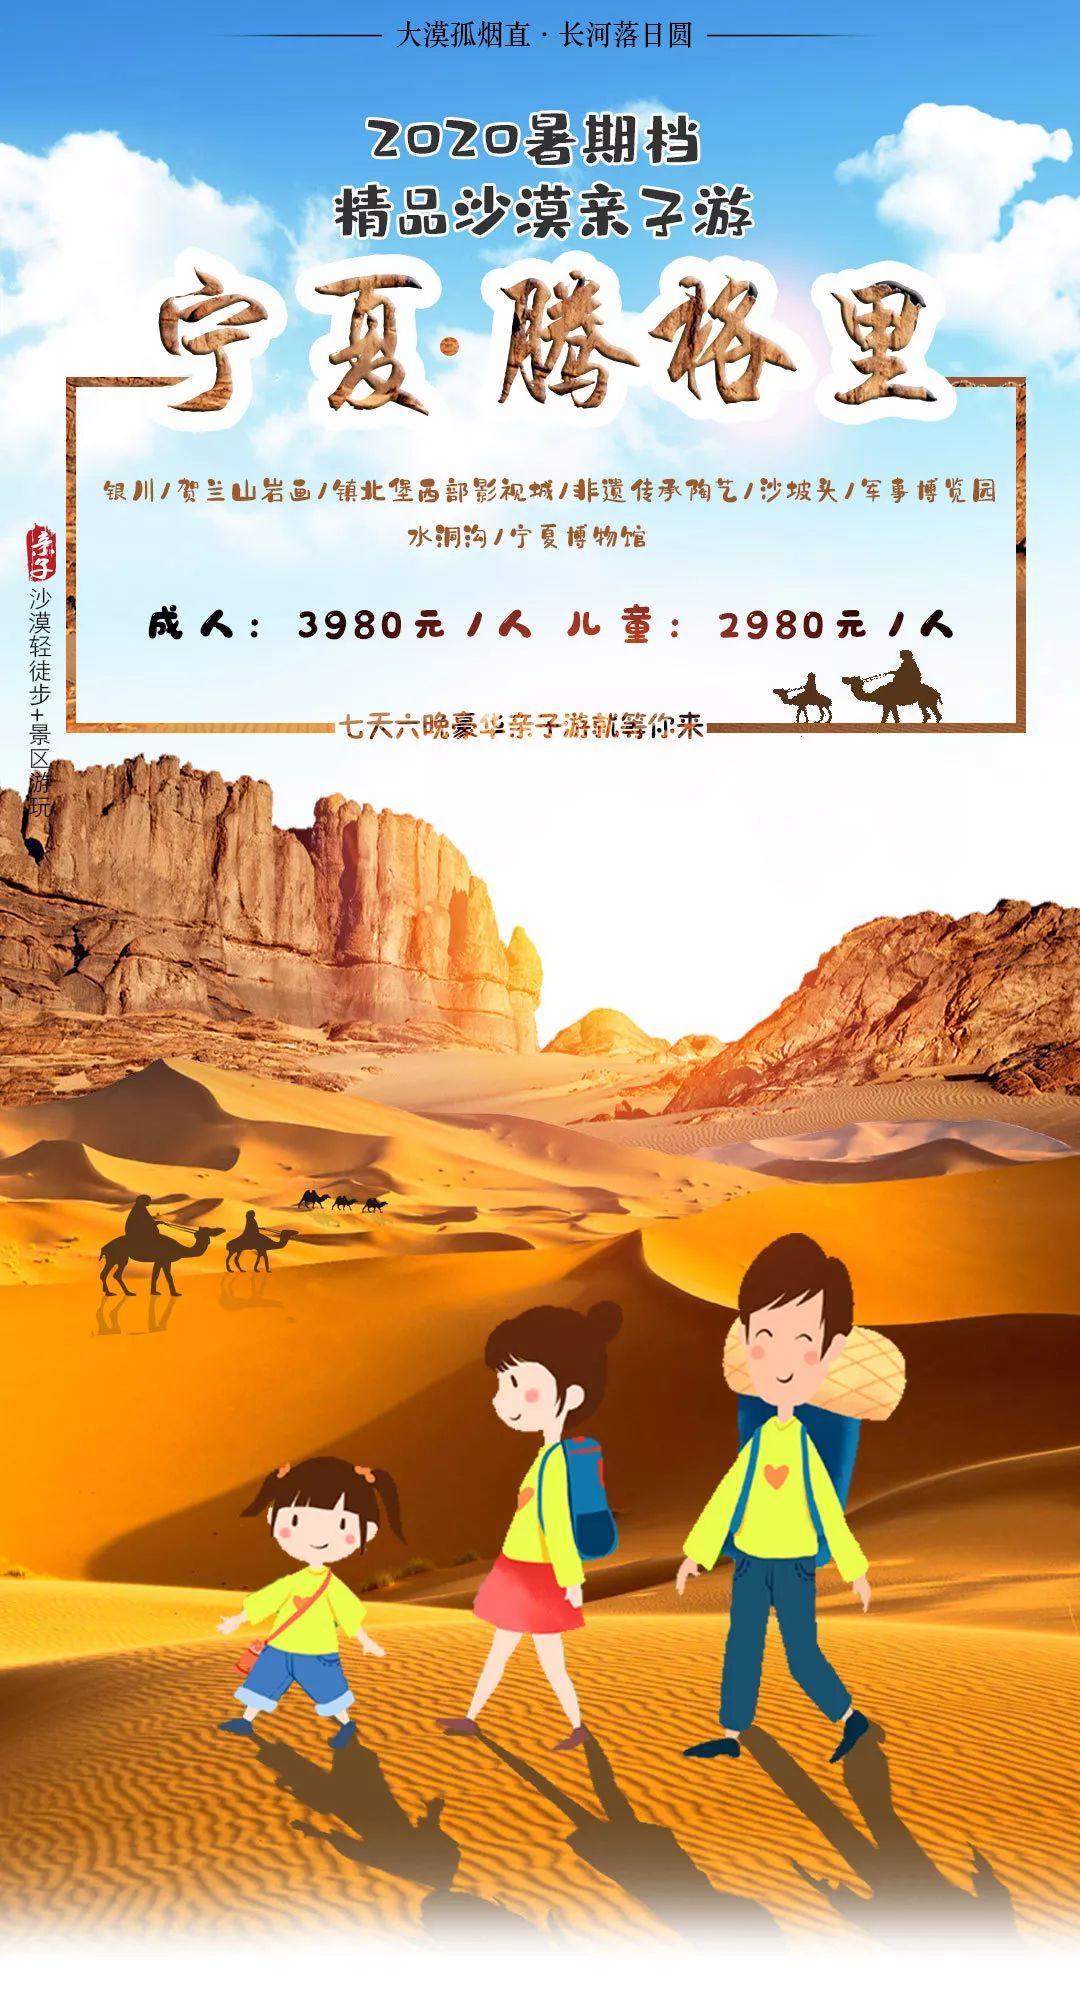 (1)宁夏&腾格里沙漠2020年暑期亲子游-户外活动图-驼铃网